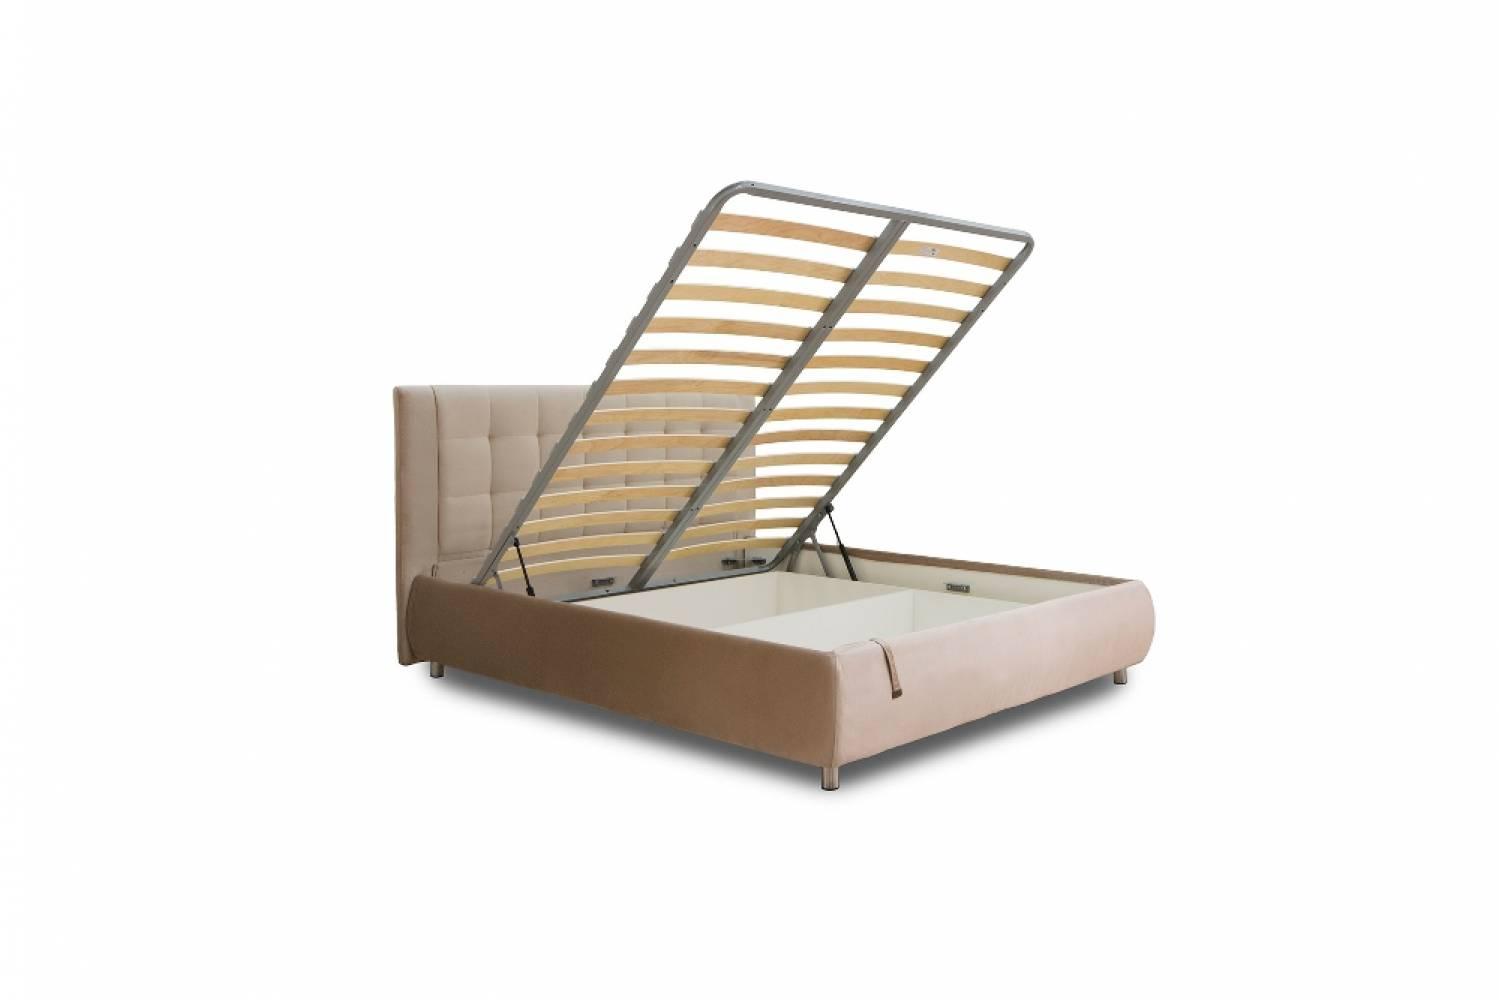 Ящик к кровати 1800 с подъемным механизмом НИКА (Фиора беж)